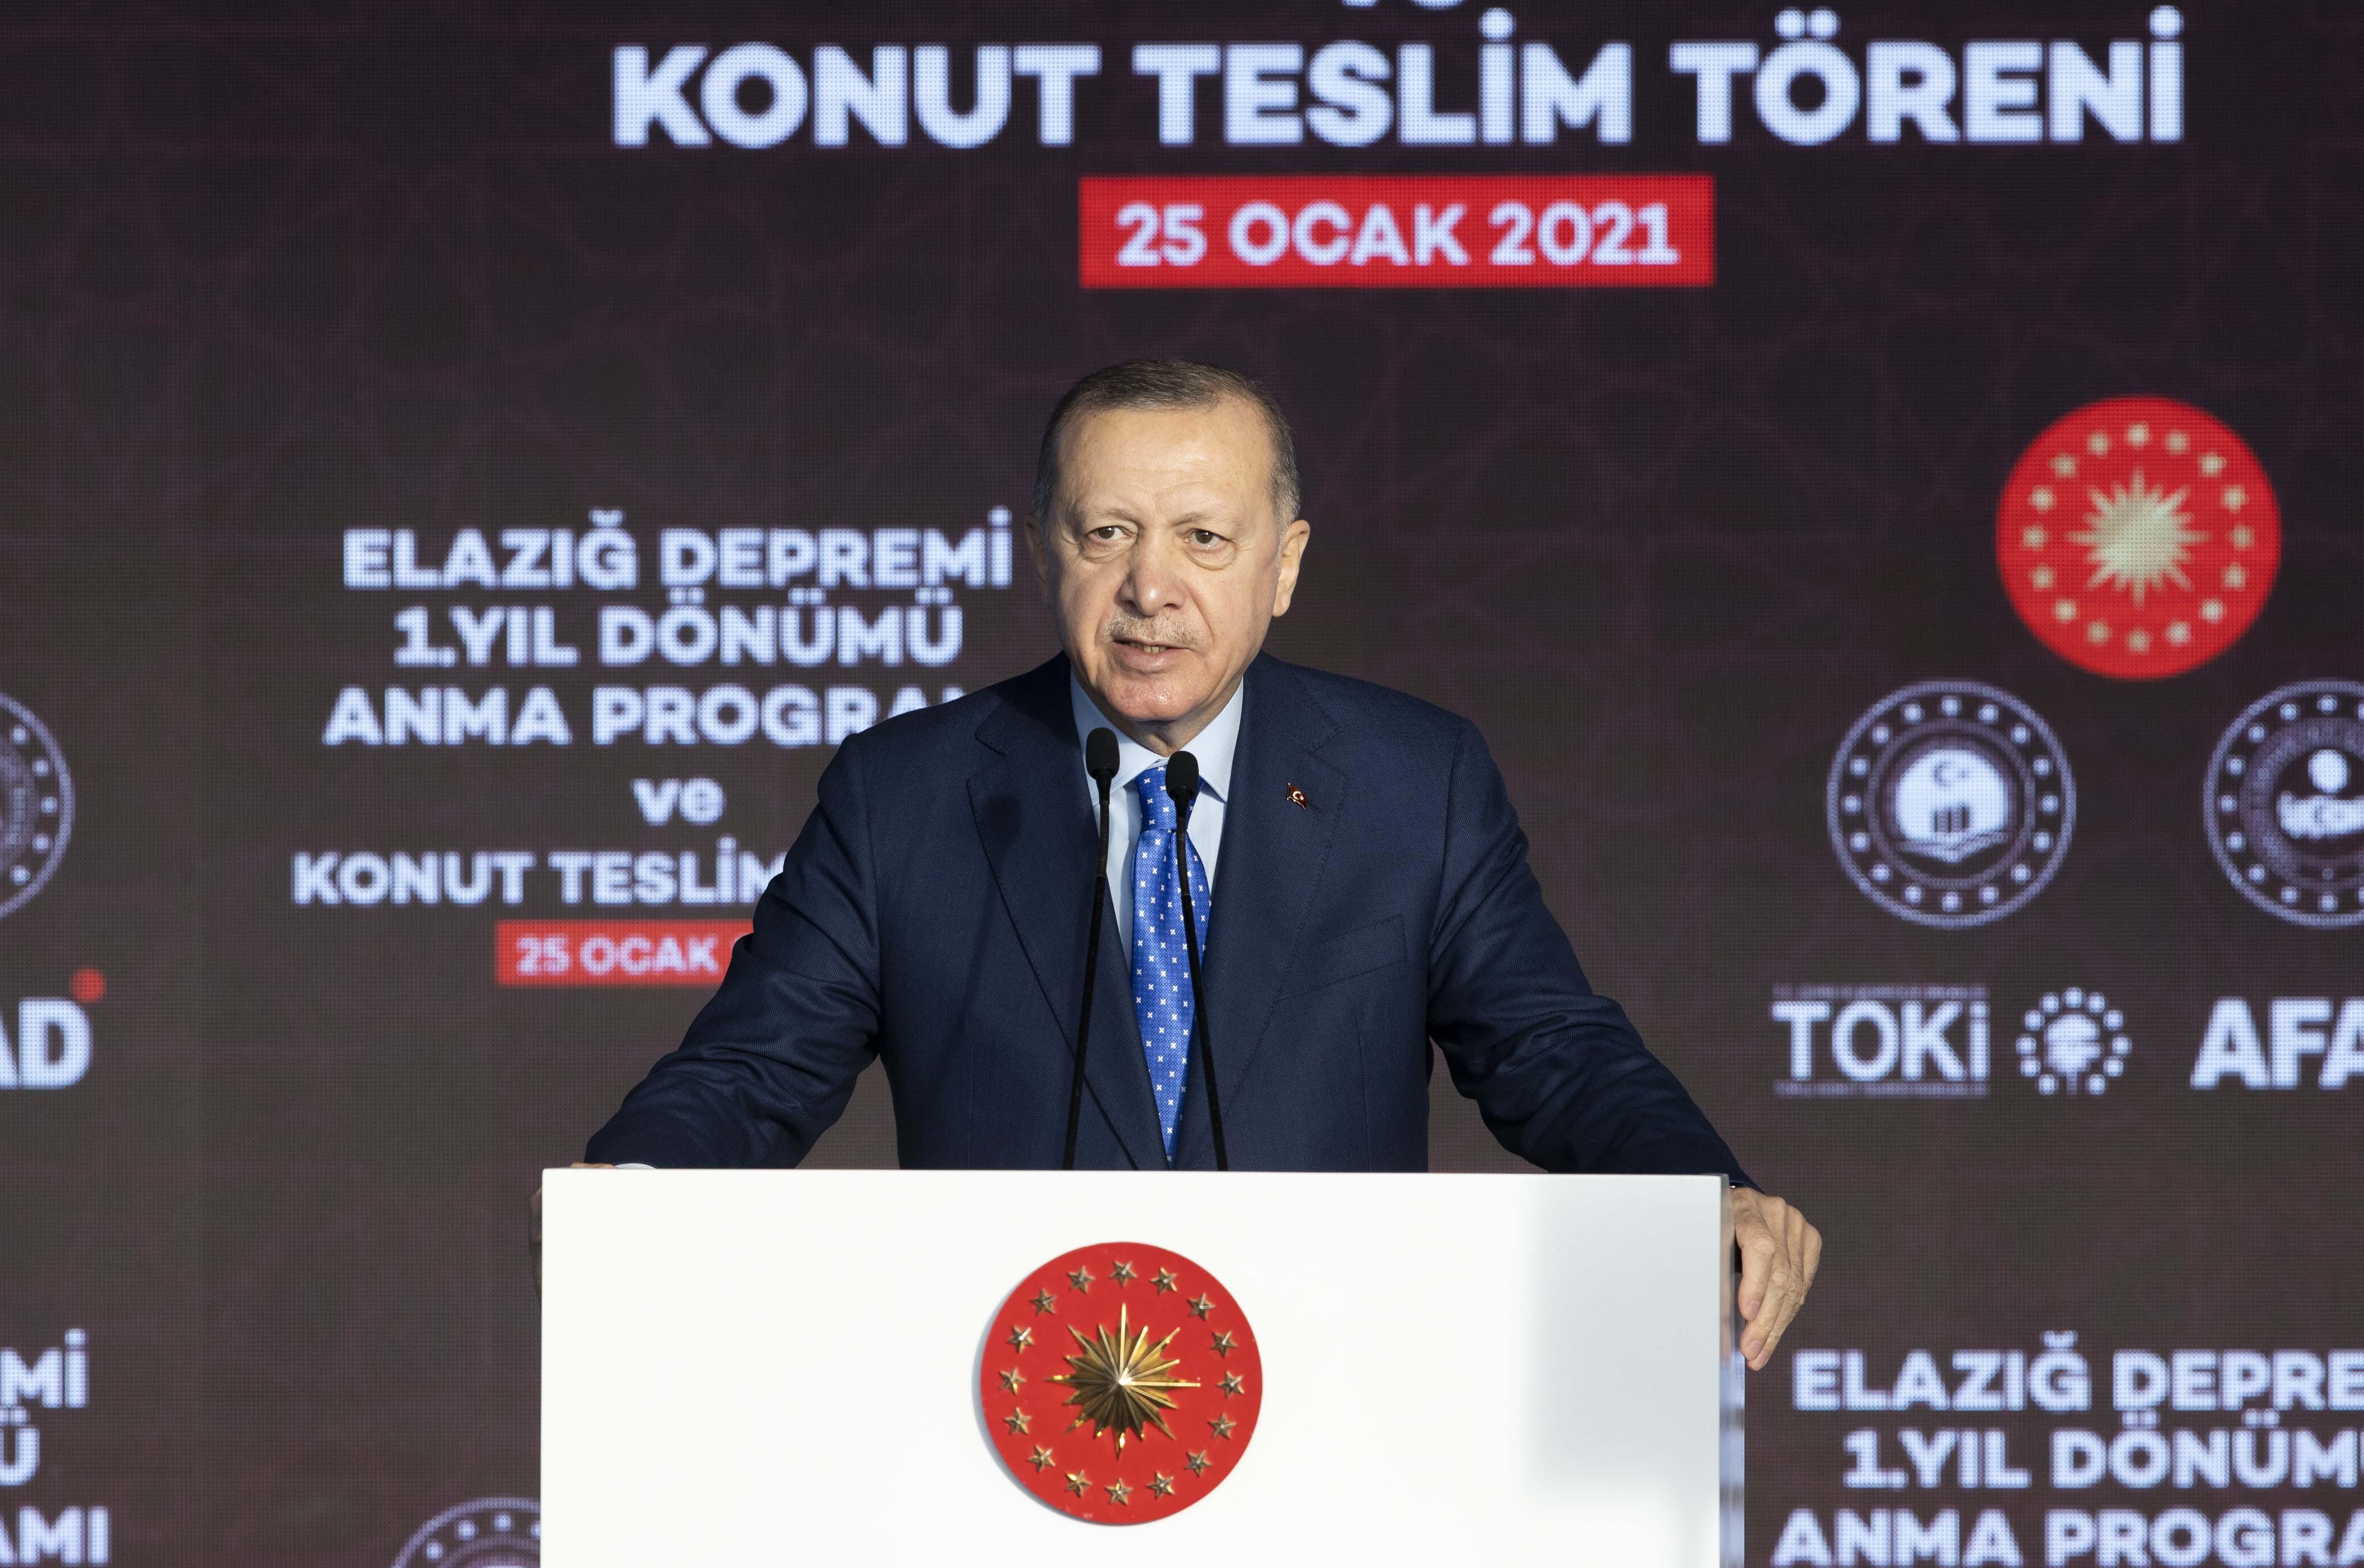 Cumhurbaşkanı Erdoğan, Elazığ'da konuştu: Deprem konutları 6 aya bitecek